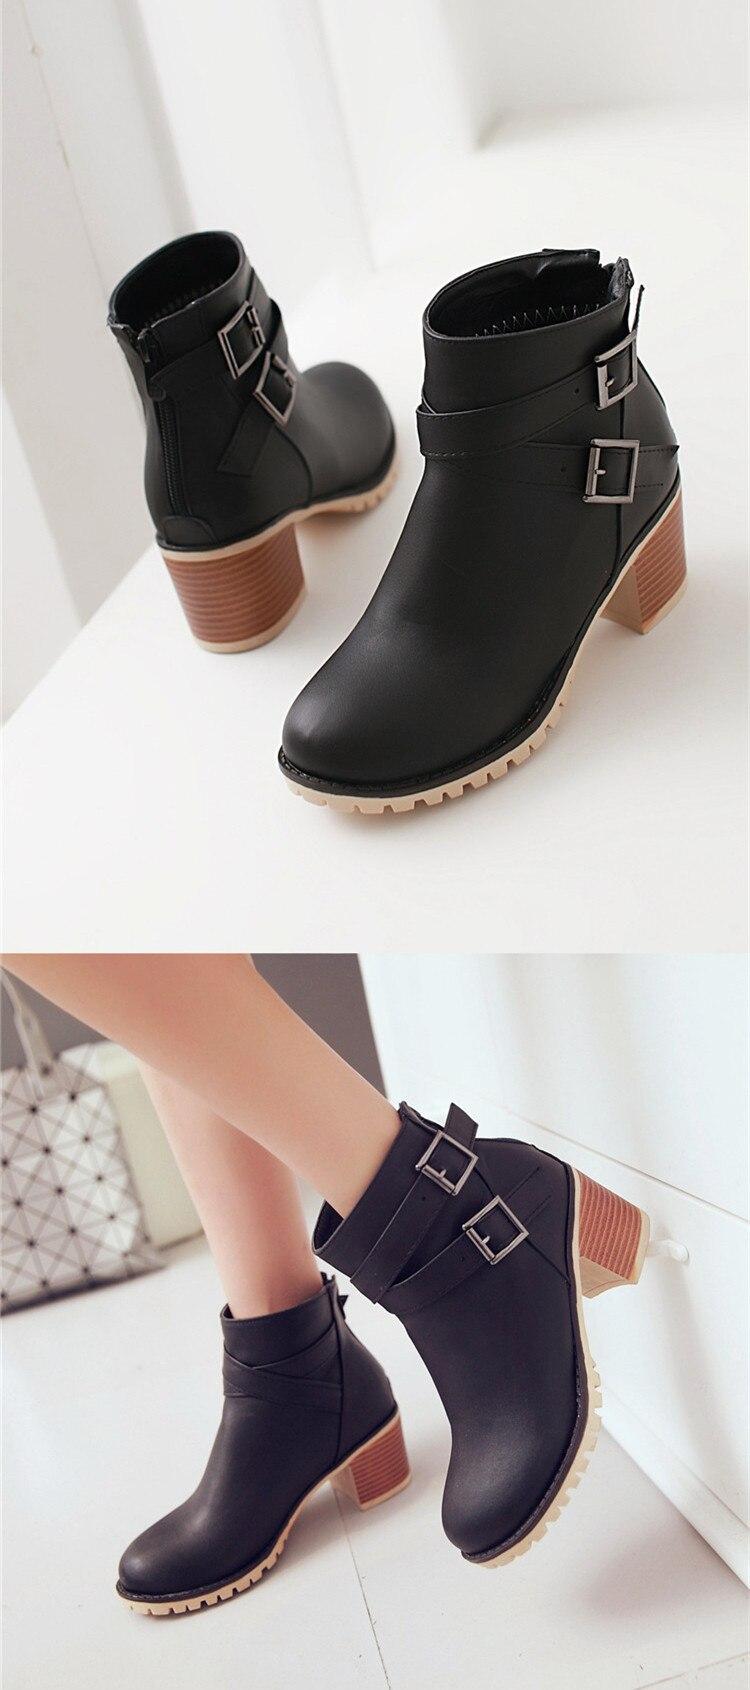 0f364d5e0 حذاء نسائي بكعب عالٍ أحذية الخريف حذاء من الجلد ل الإناث سستة بو أحذية بوت  قصيرة الأزياء مشبك النساء الأحذية زائد حجم 34-43 0839 W